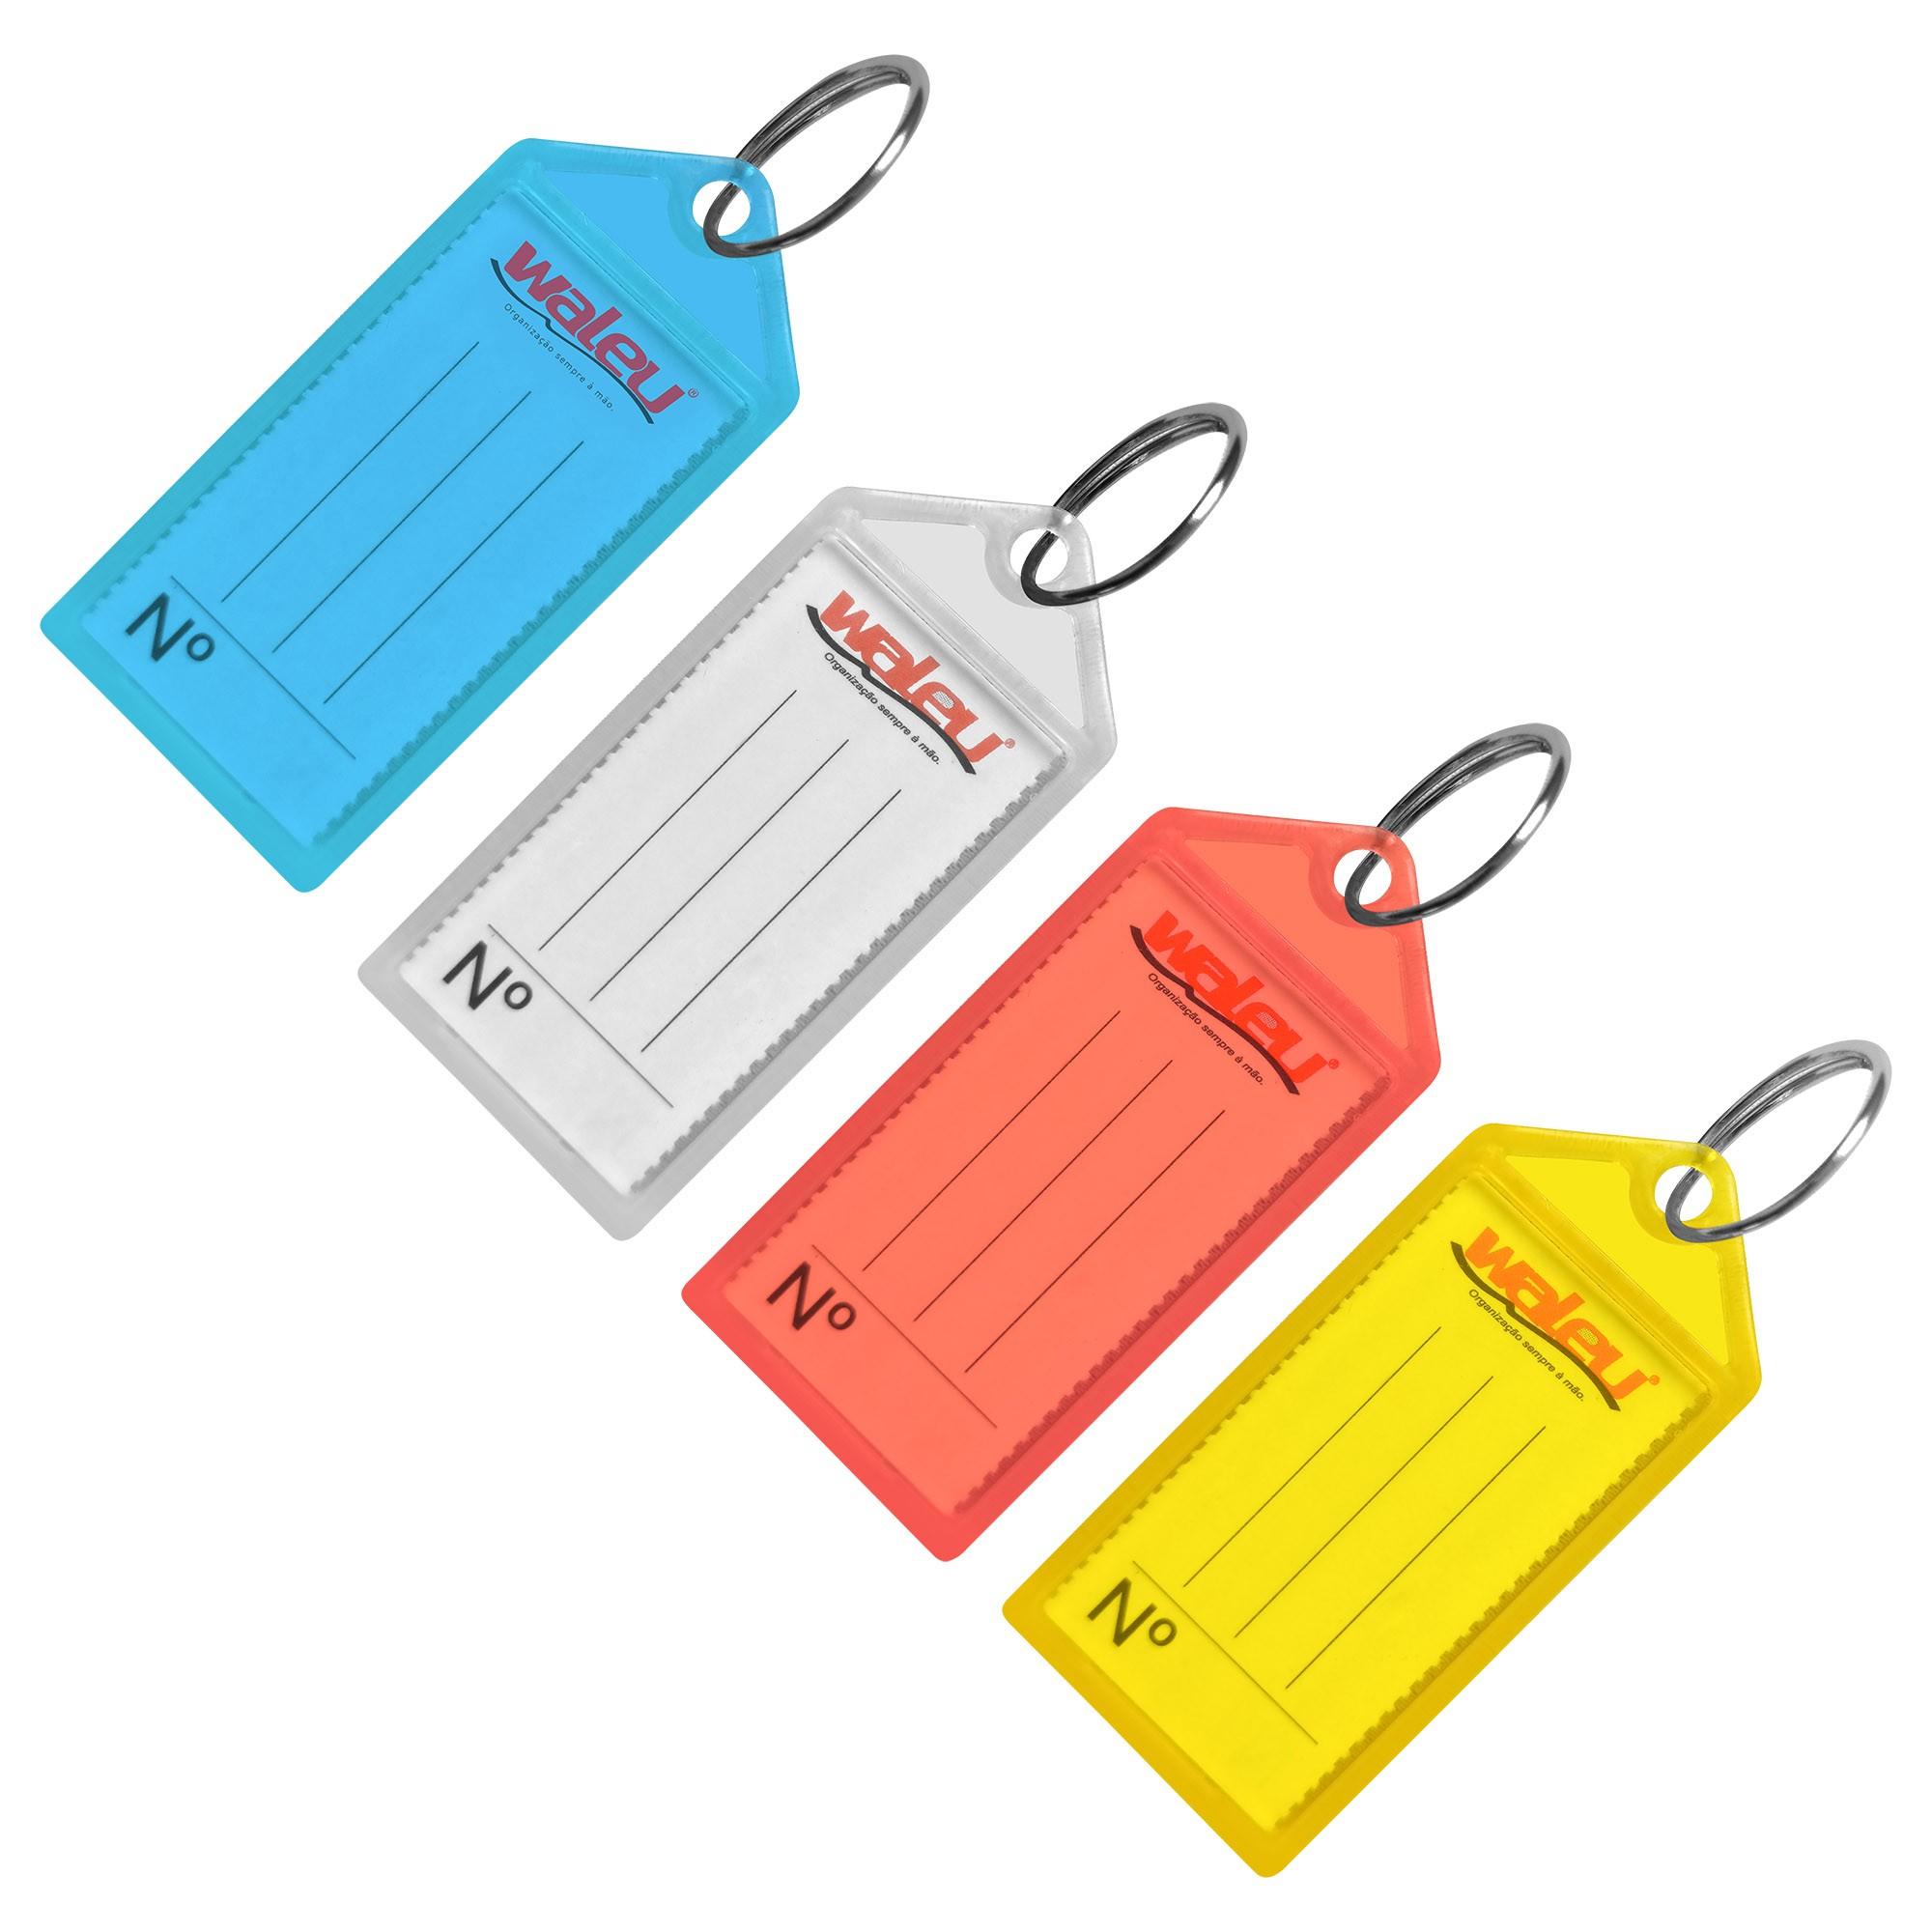 Chaveiro mais Etiqueta Diversas Cores 10180004 - Waleu